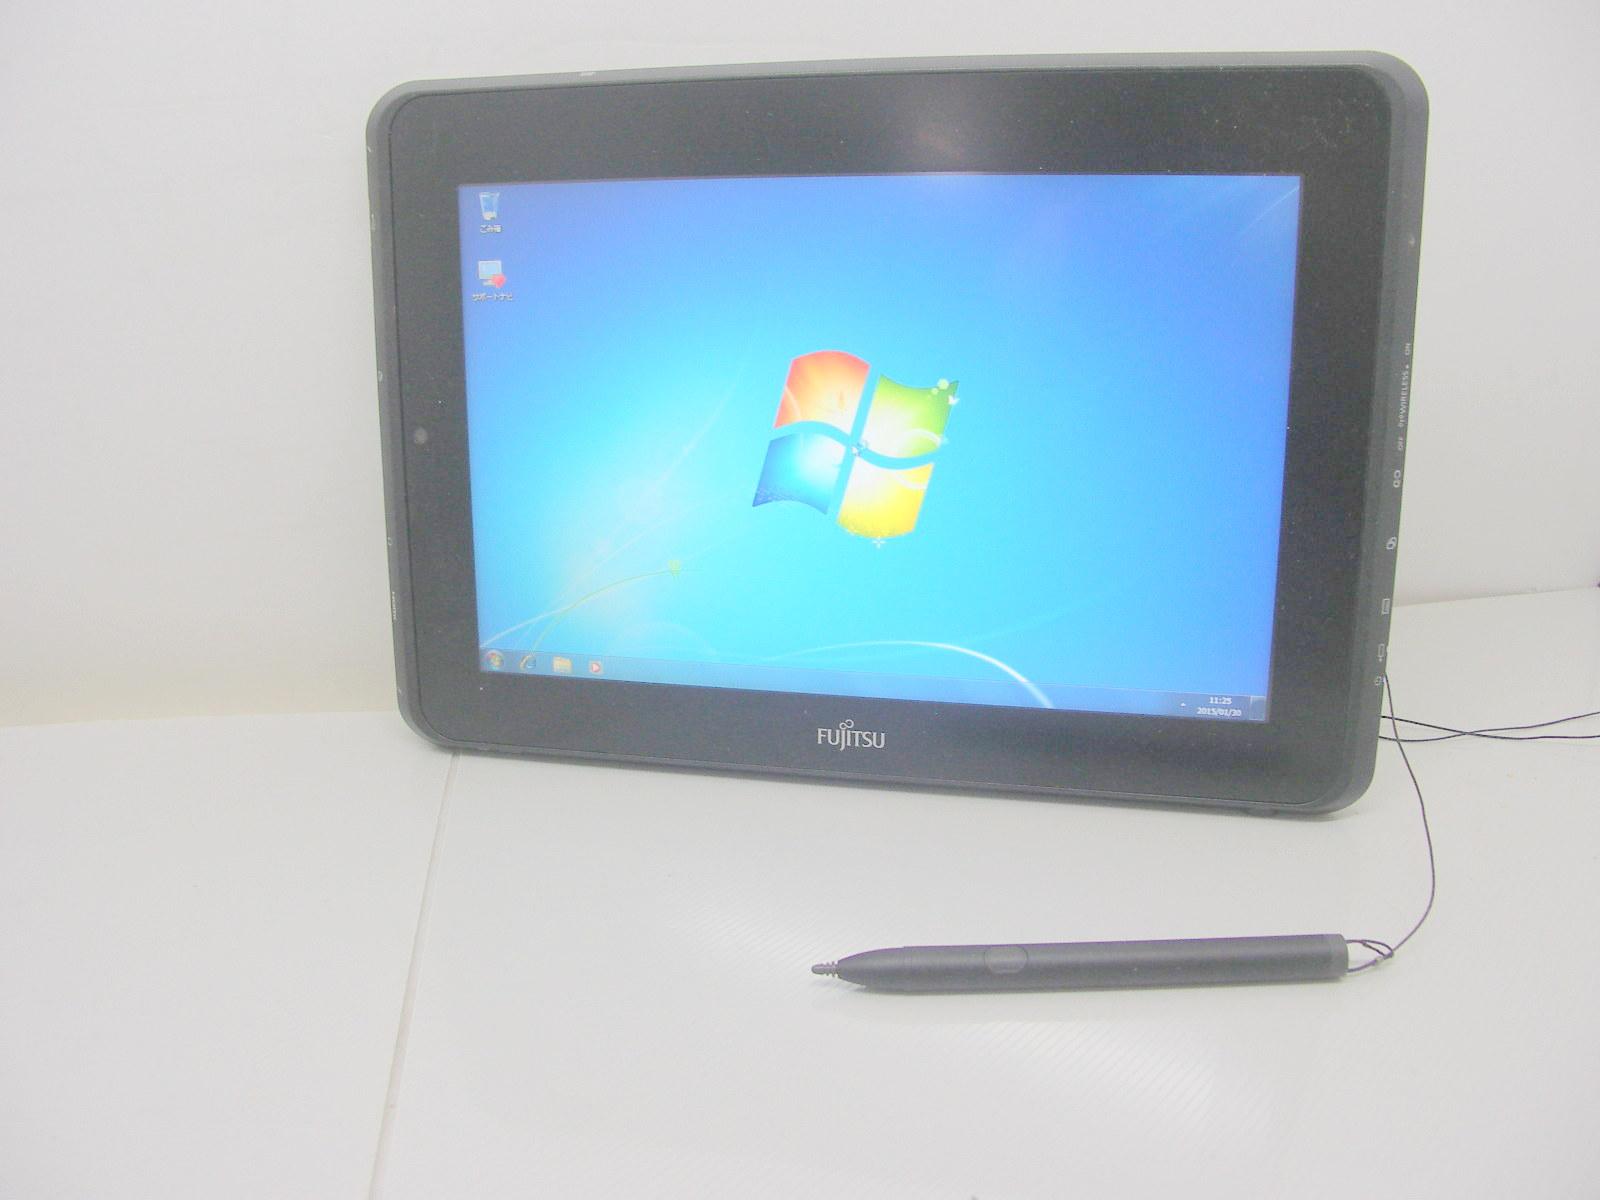 タブレットPC FMV-STYLISTIC Q550/C Windows7プレミアム内臓 ペン付【中古】【あす楽対応】【あす楽_土曜営業】